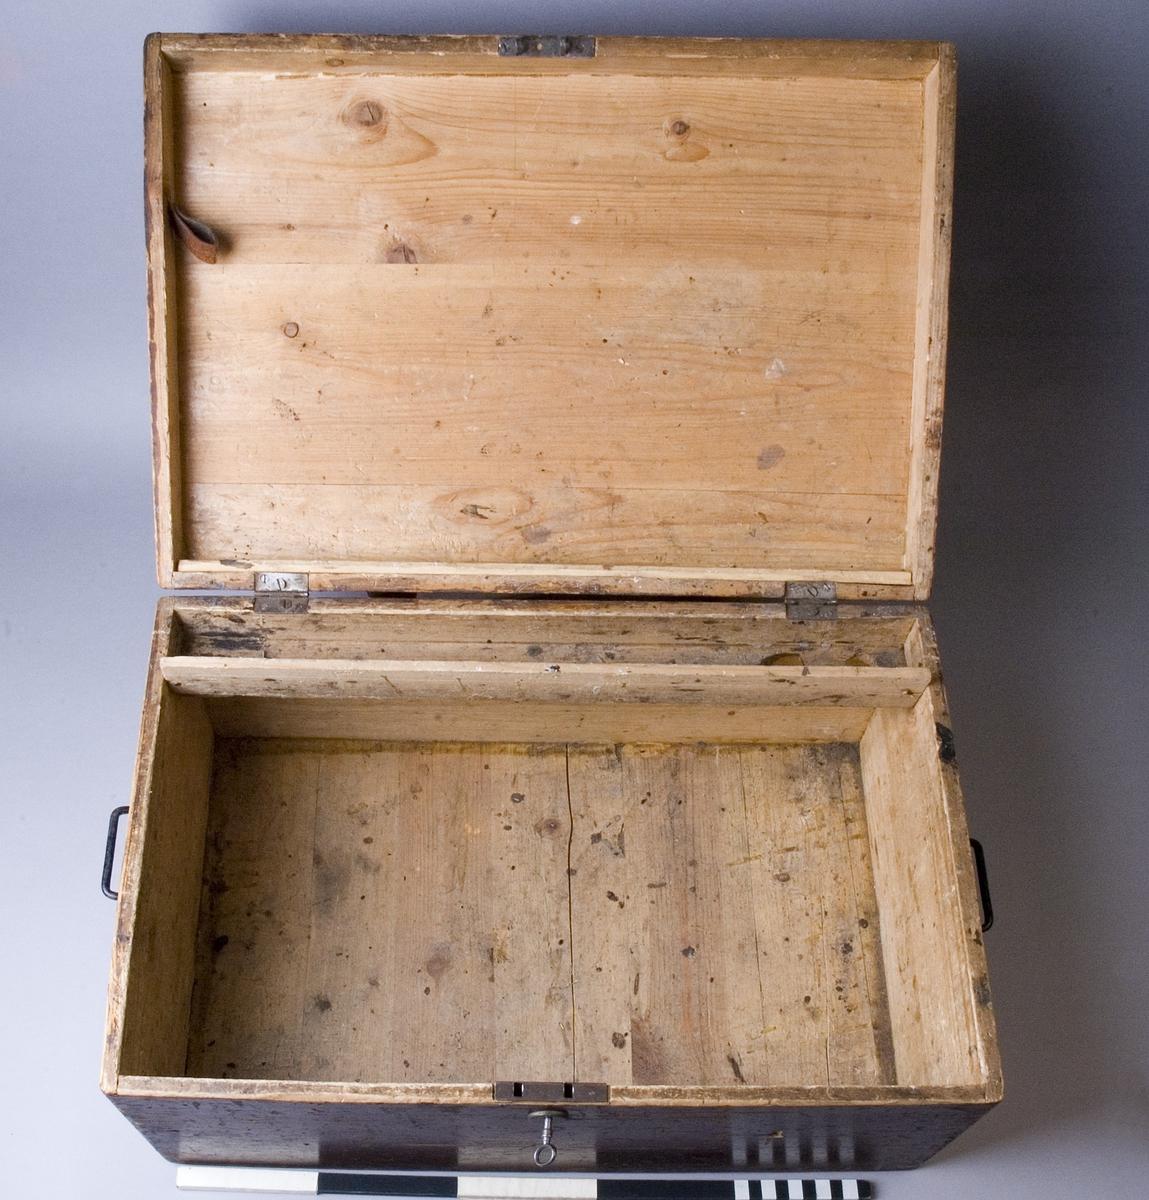 Kista A med nyckel B. Kista av trä, med sinkade och limmade hörn, målad i en brun kulör. Kistan har enkla bärhandtag i metall på kortsidorna samt ett fabriksgjort instickslås med rund nyckelbricka. Baktill, inuti kistan finns ett längsgående fack med två hål, troligtvis för verktyg. På insidan av locket finns en läderstropp som troligtivs är för verktyg. Nyckel, fabriksgjord, av metall, med enkel utformning.